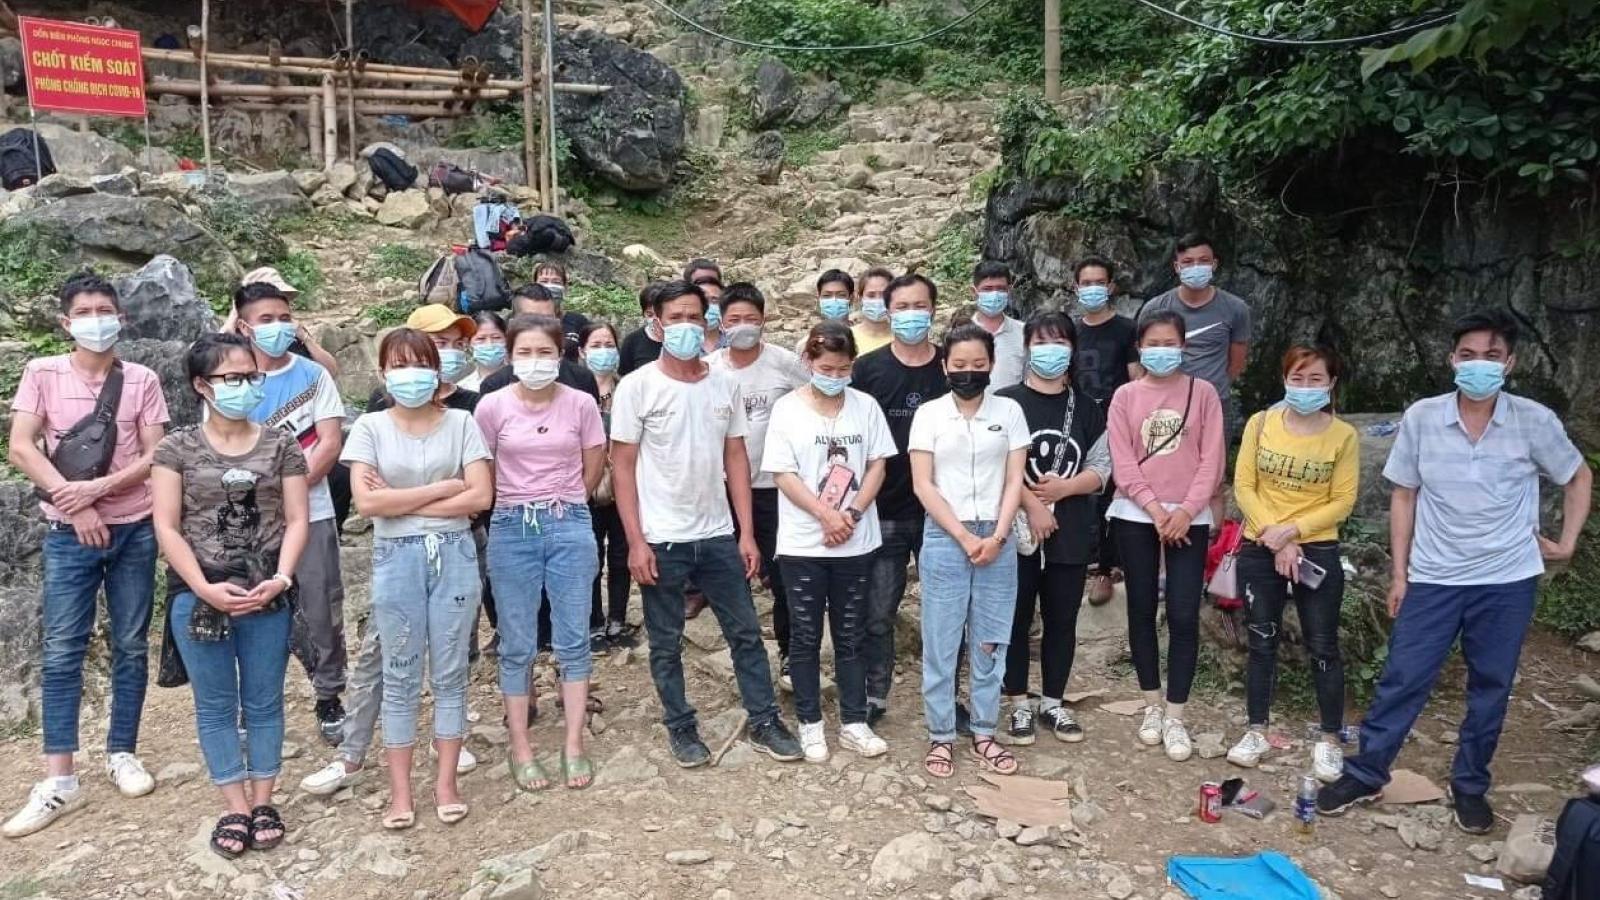 Bộ đội Biên phòng tạm giữ 31 người nhập cảnh trái phép